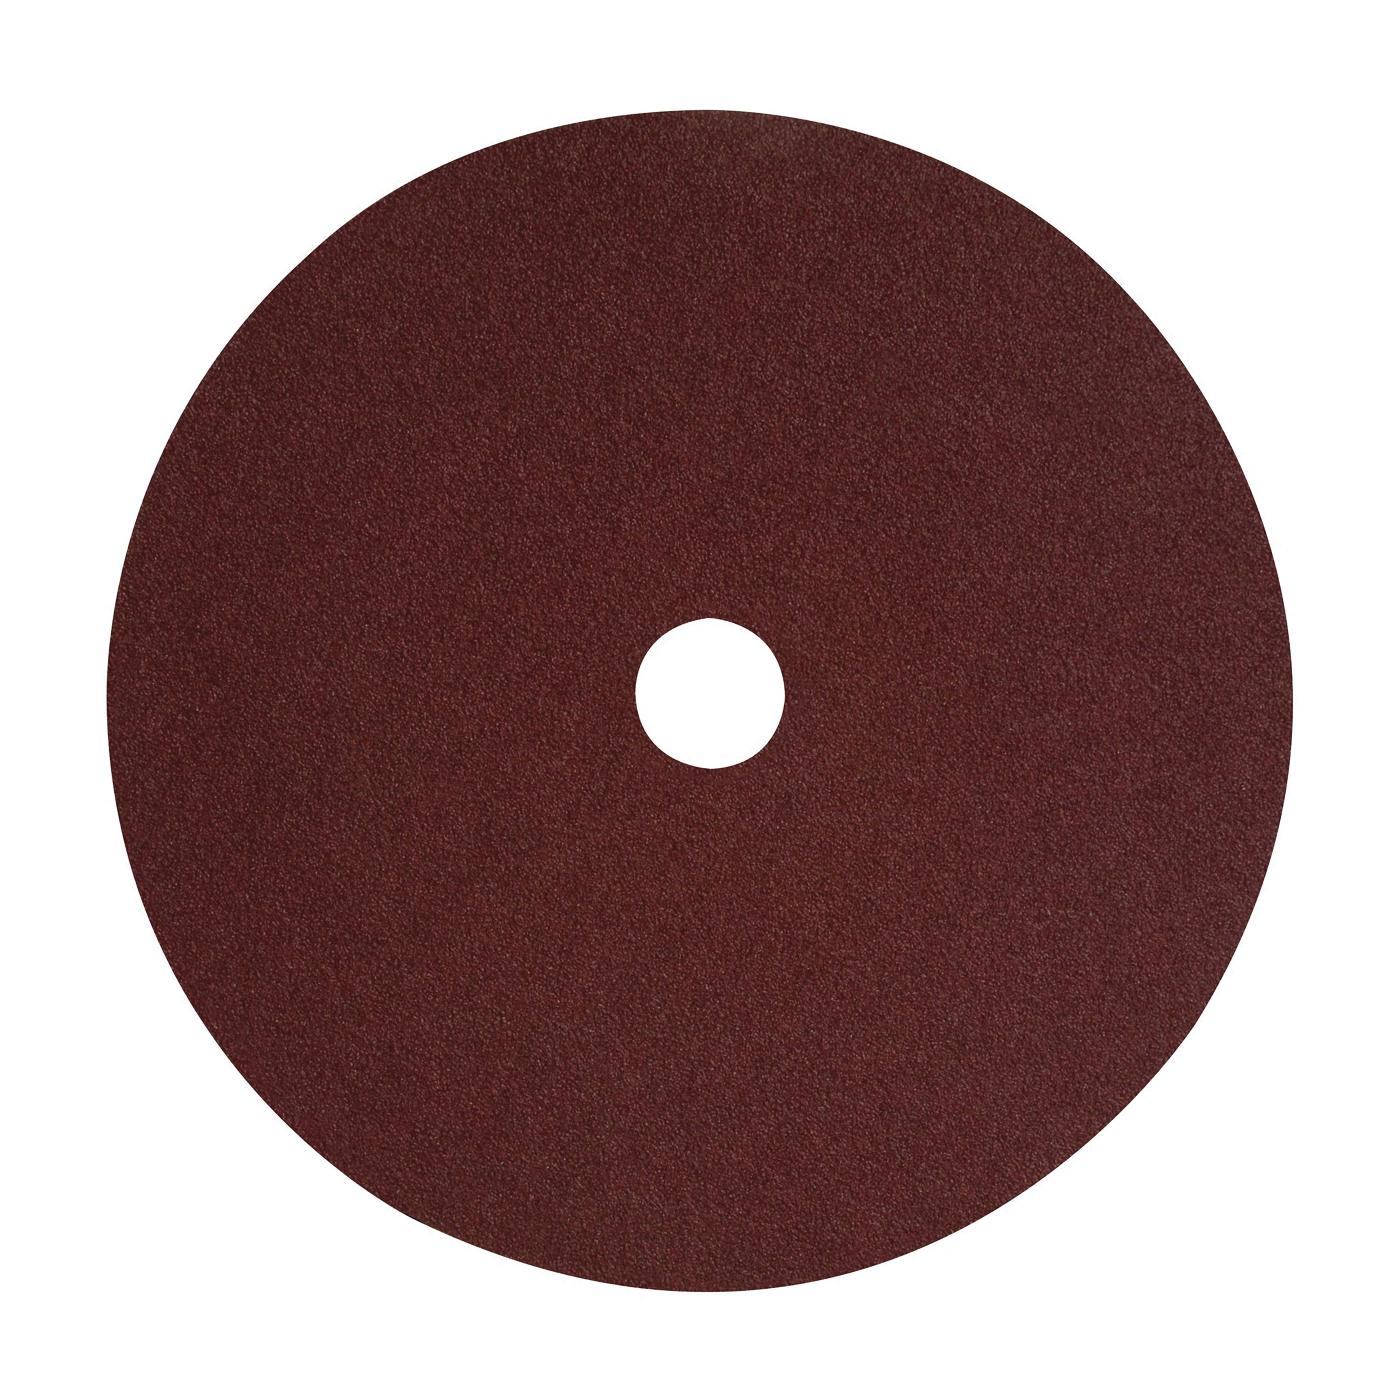 Picture of DeWALT DARB1G0325 Fiber Disc, 4-1/2 in Dia, 7/8 in Arbor, Coated, 36 Grit, Aluminum Oxide Abrasive, Fiber Backing